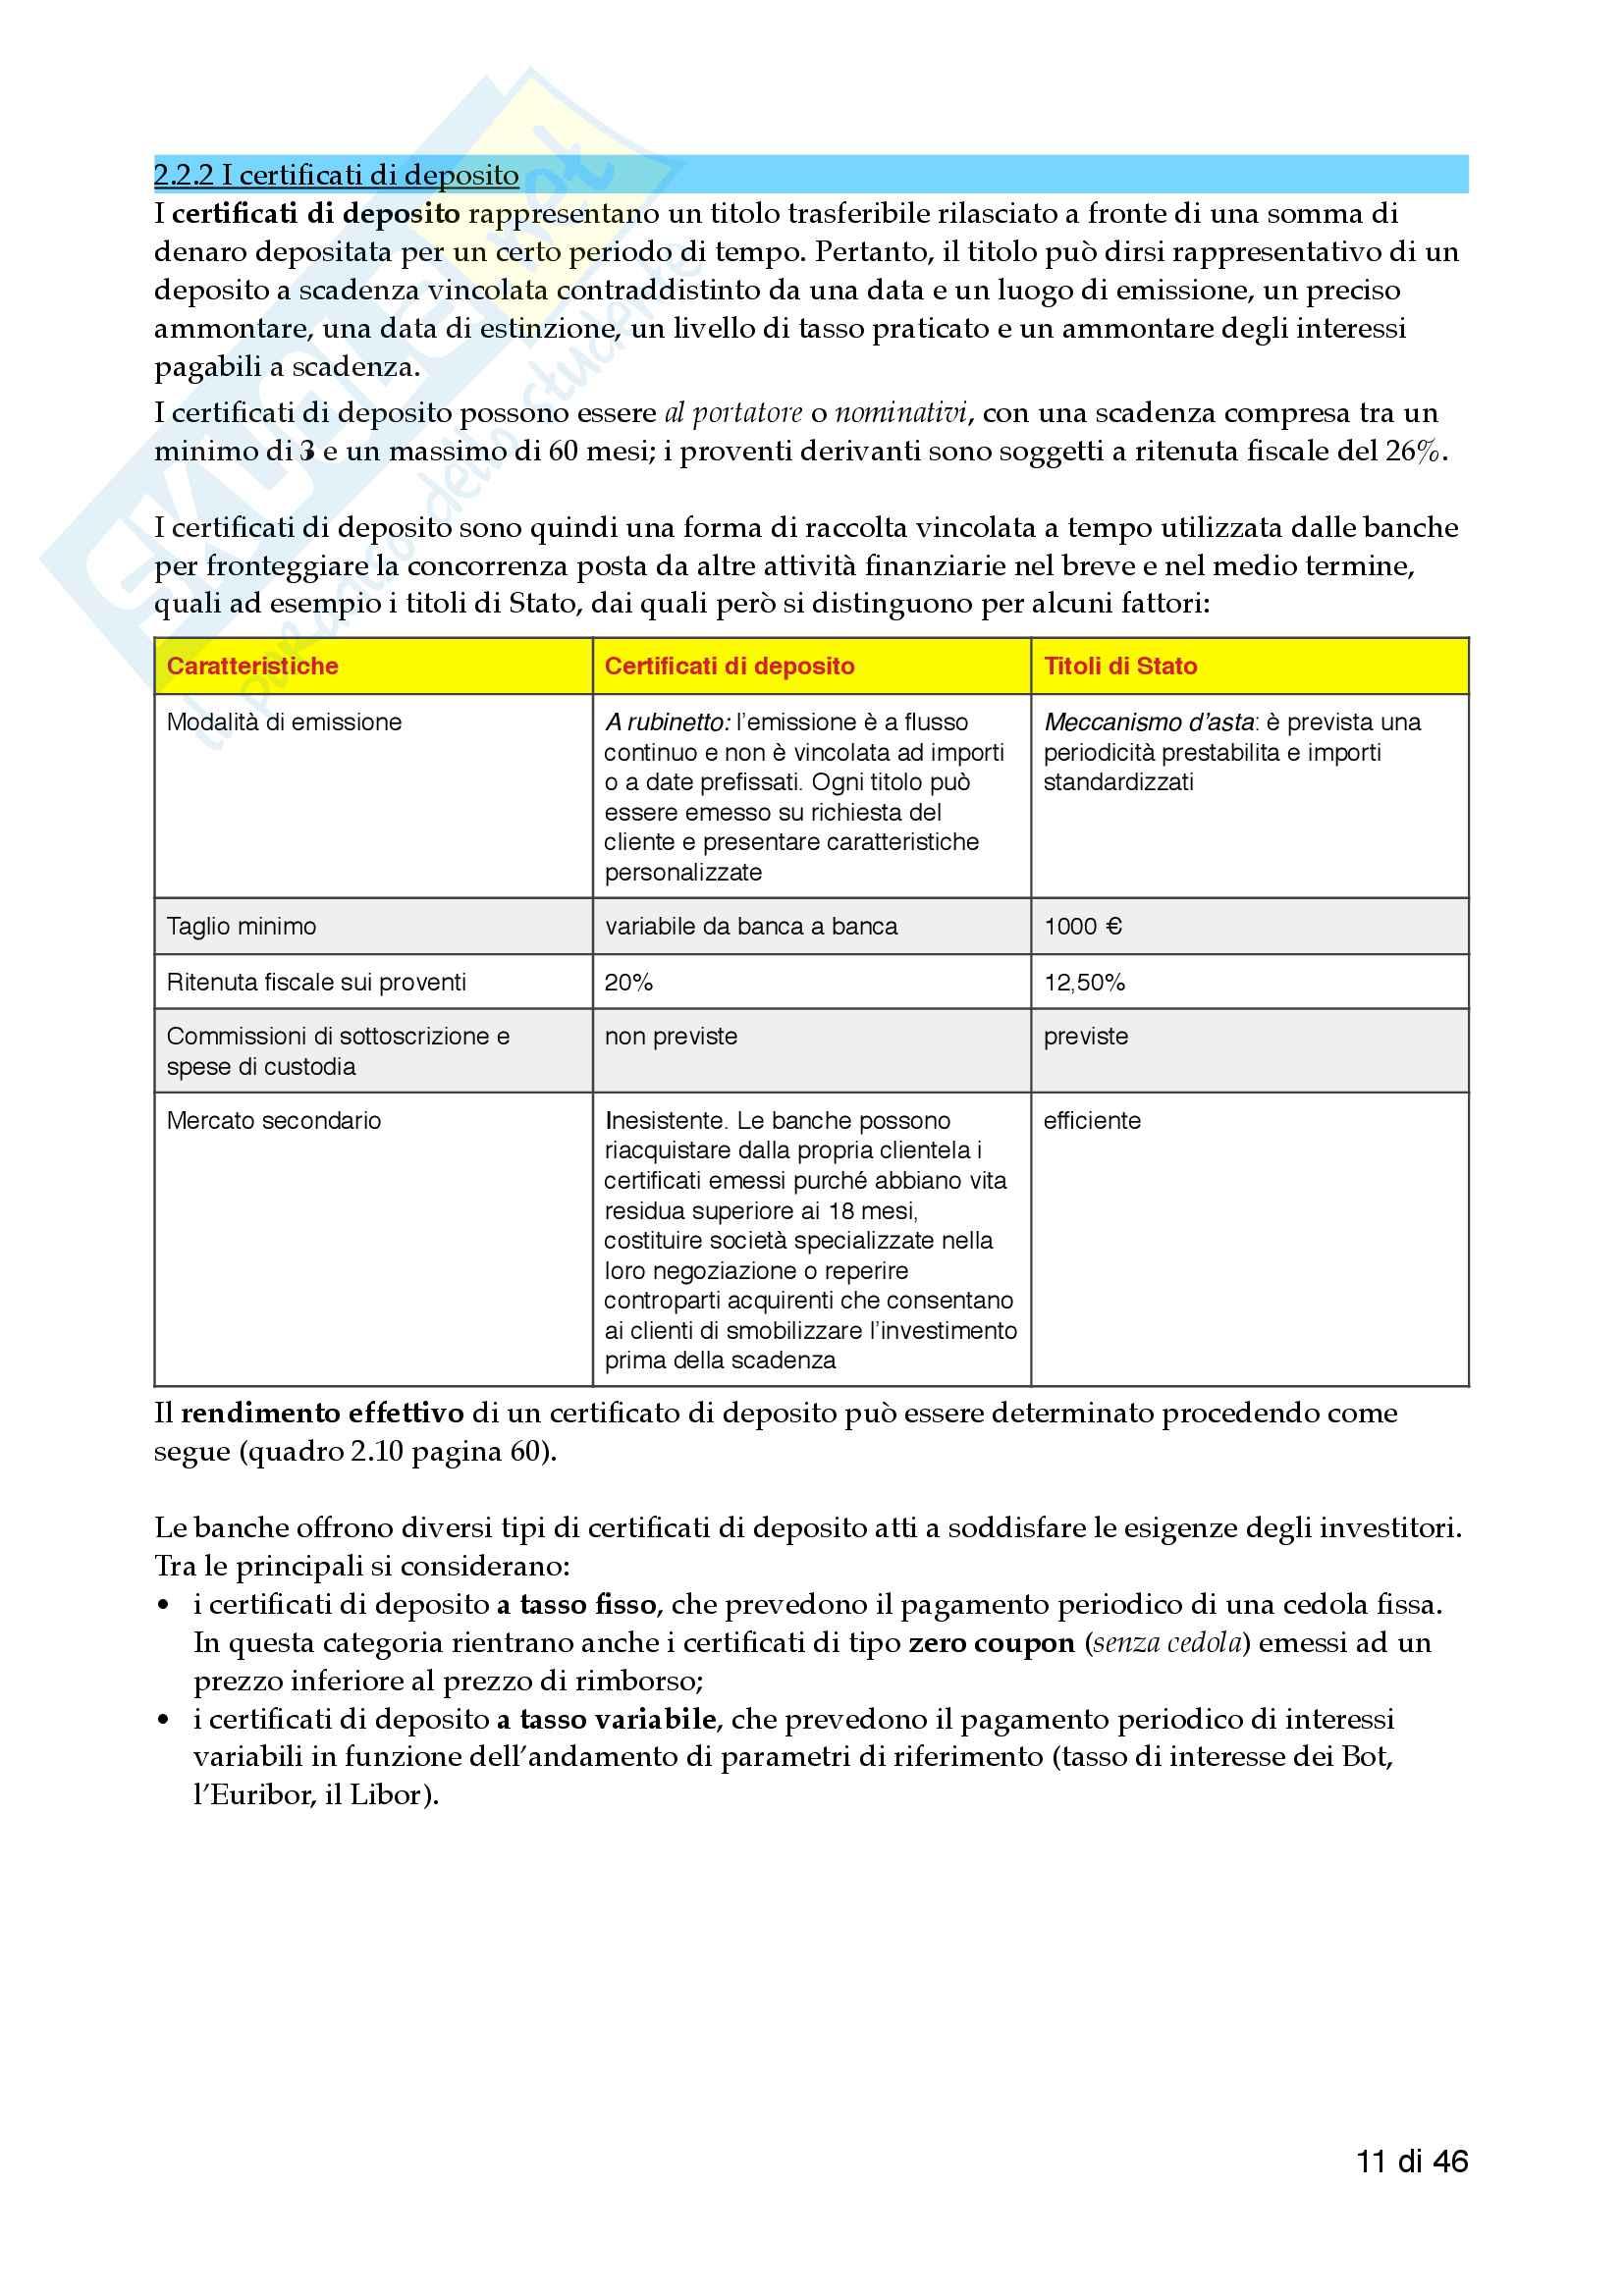 Economia delle aziende di credito - 1 Pariziale pdf Pag. 11